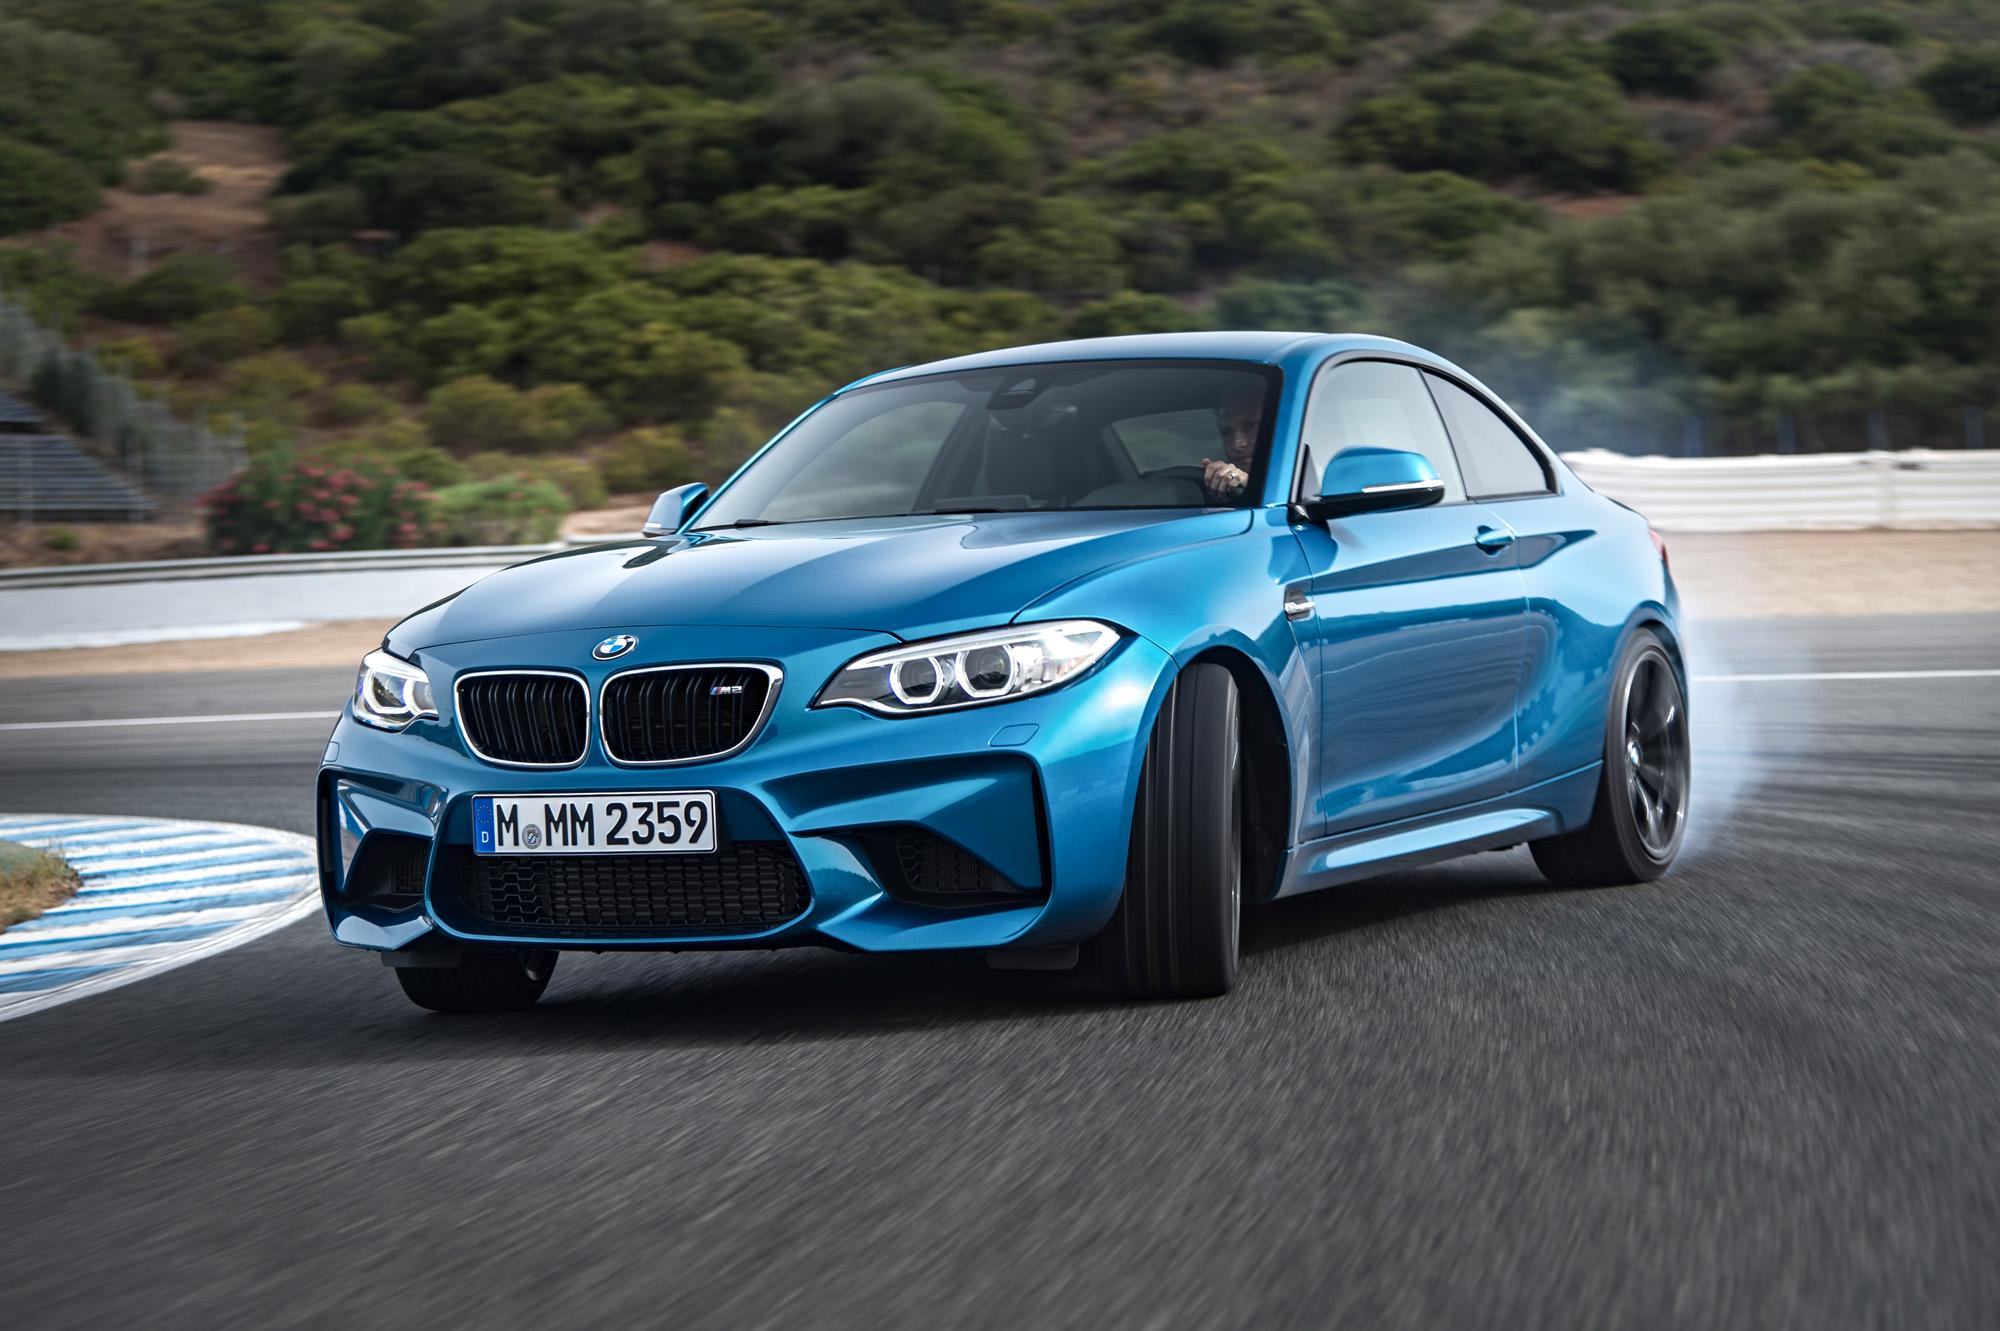 Stolz im Drift: Das BMW M2 Coupé kam ebenfalls mit zum Genfer Autosalon 2016.